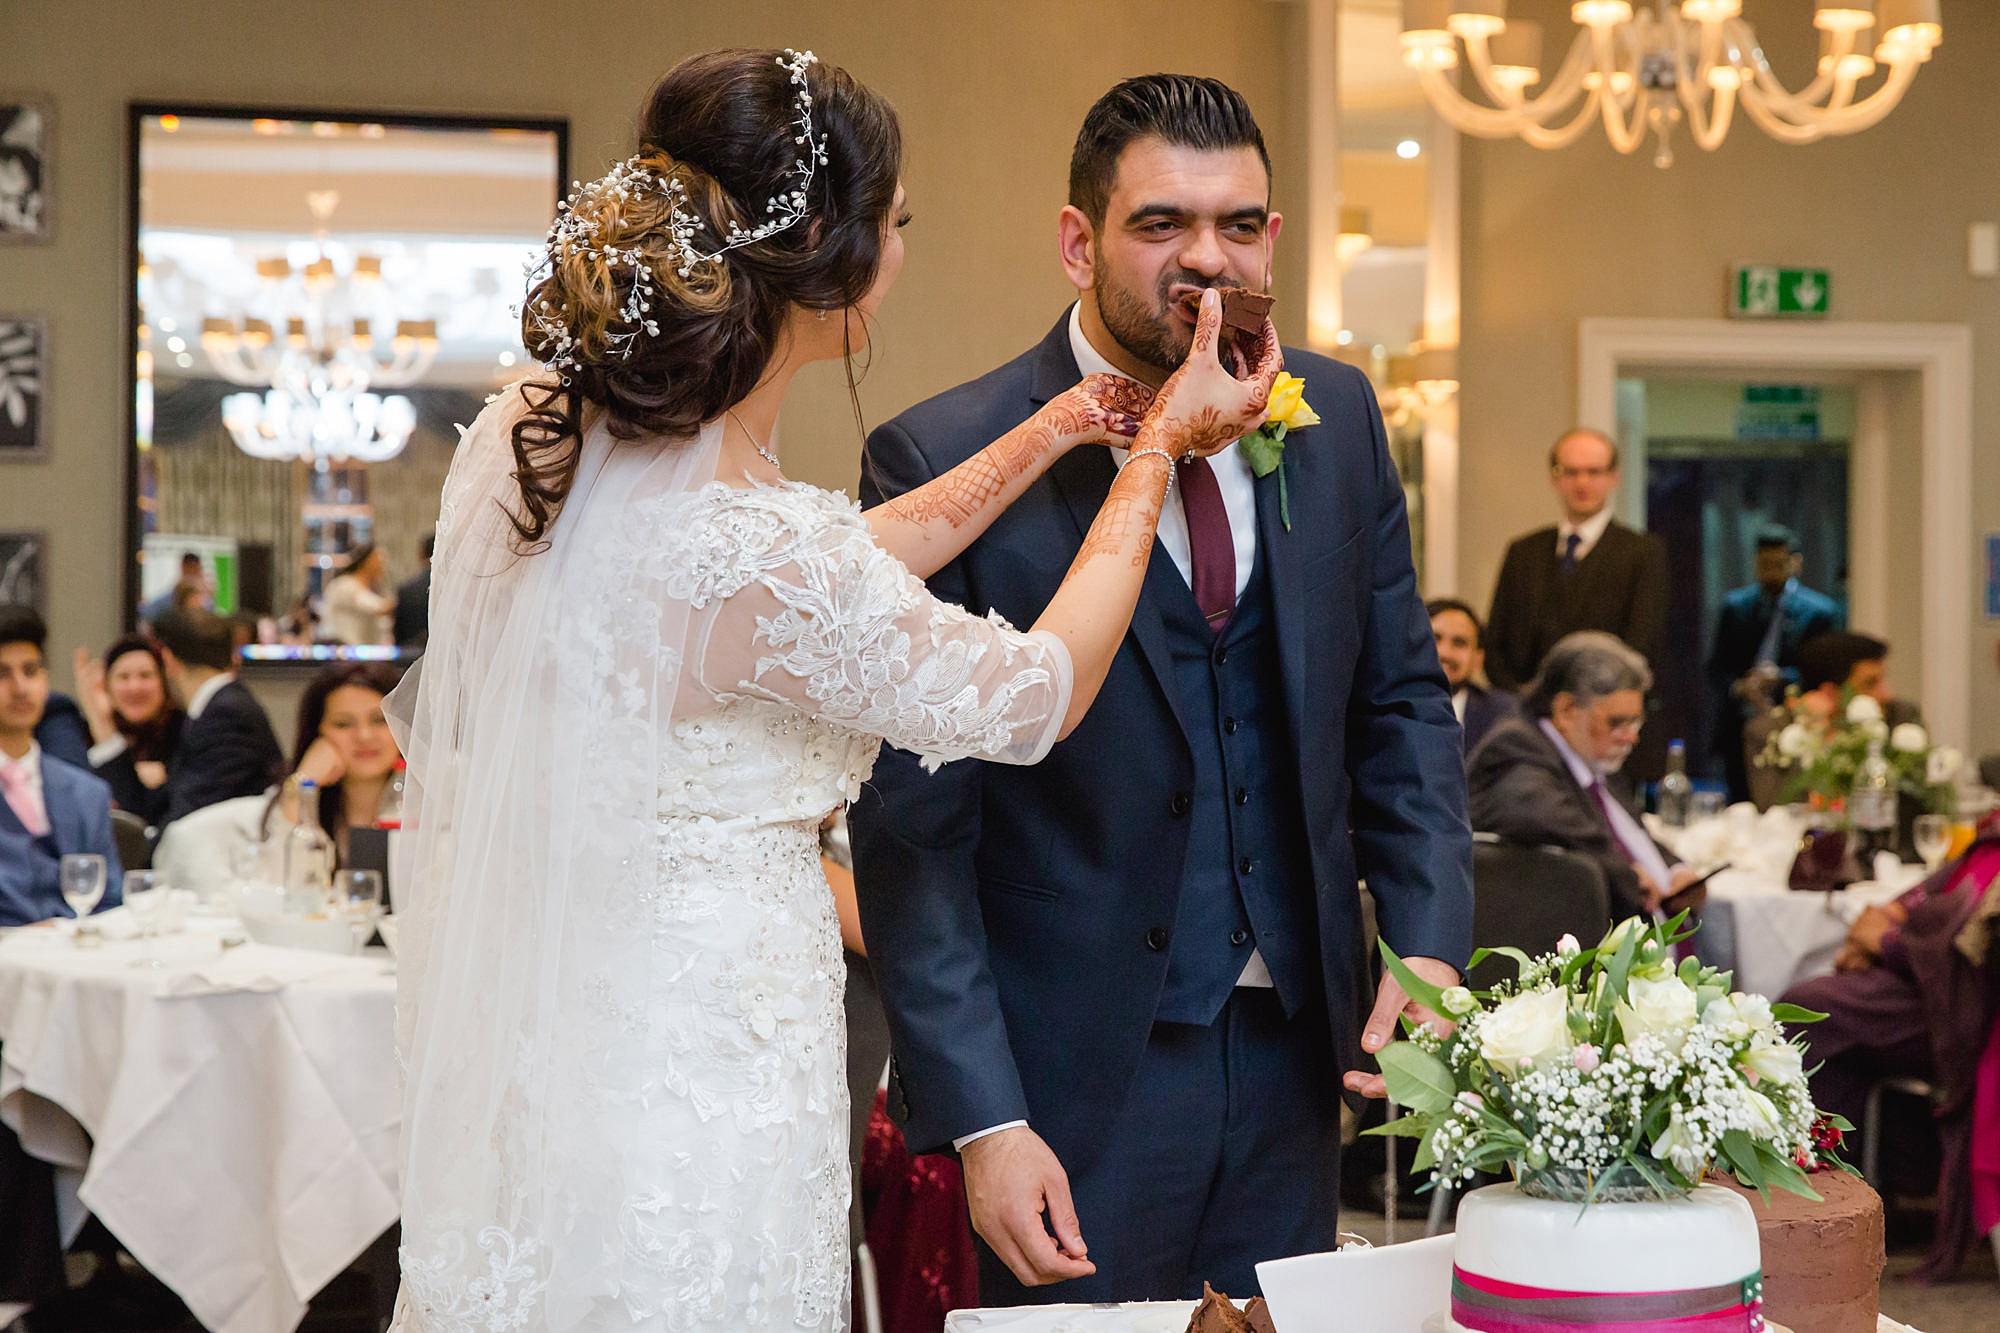 Richmond Hill Hotel wedding bride feeds groom wedding cake